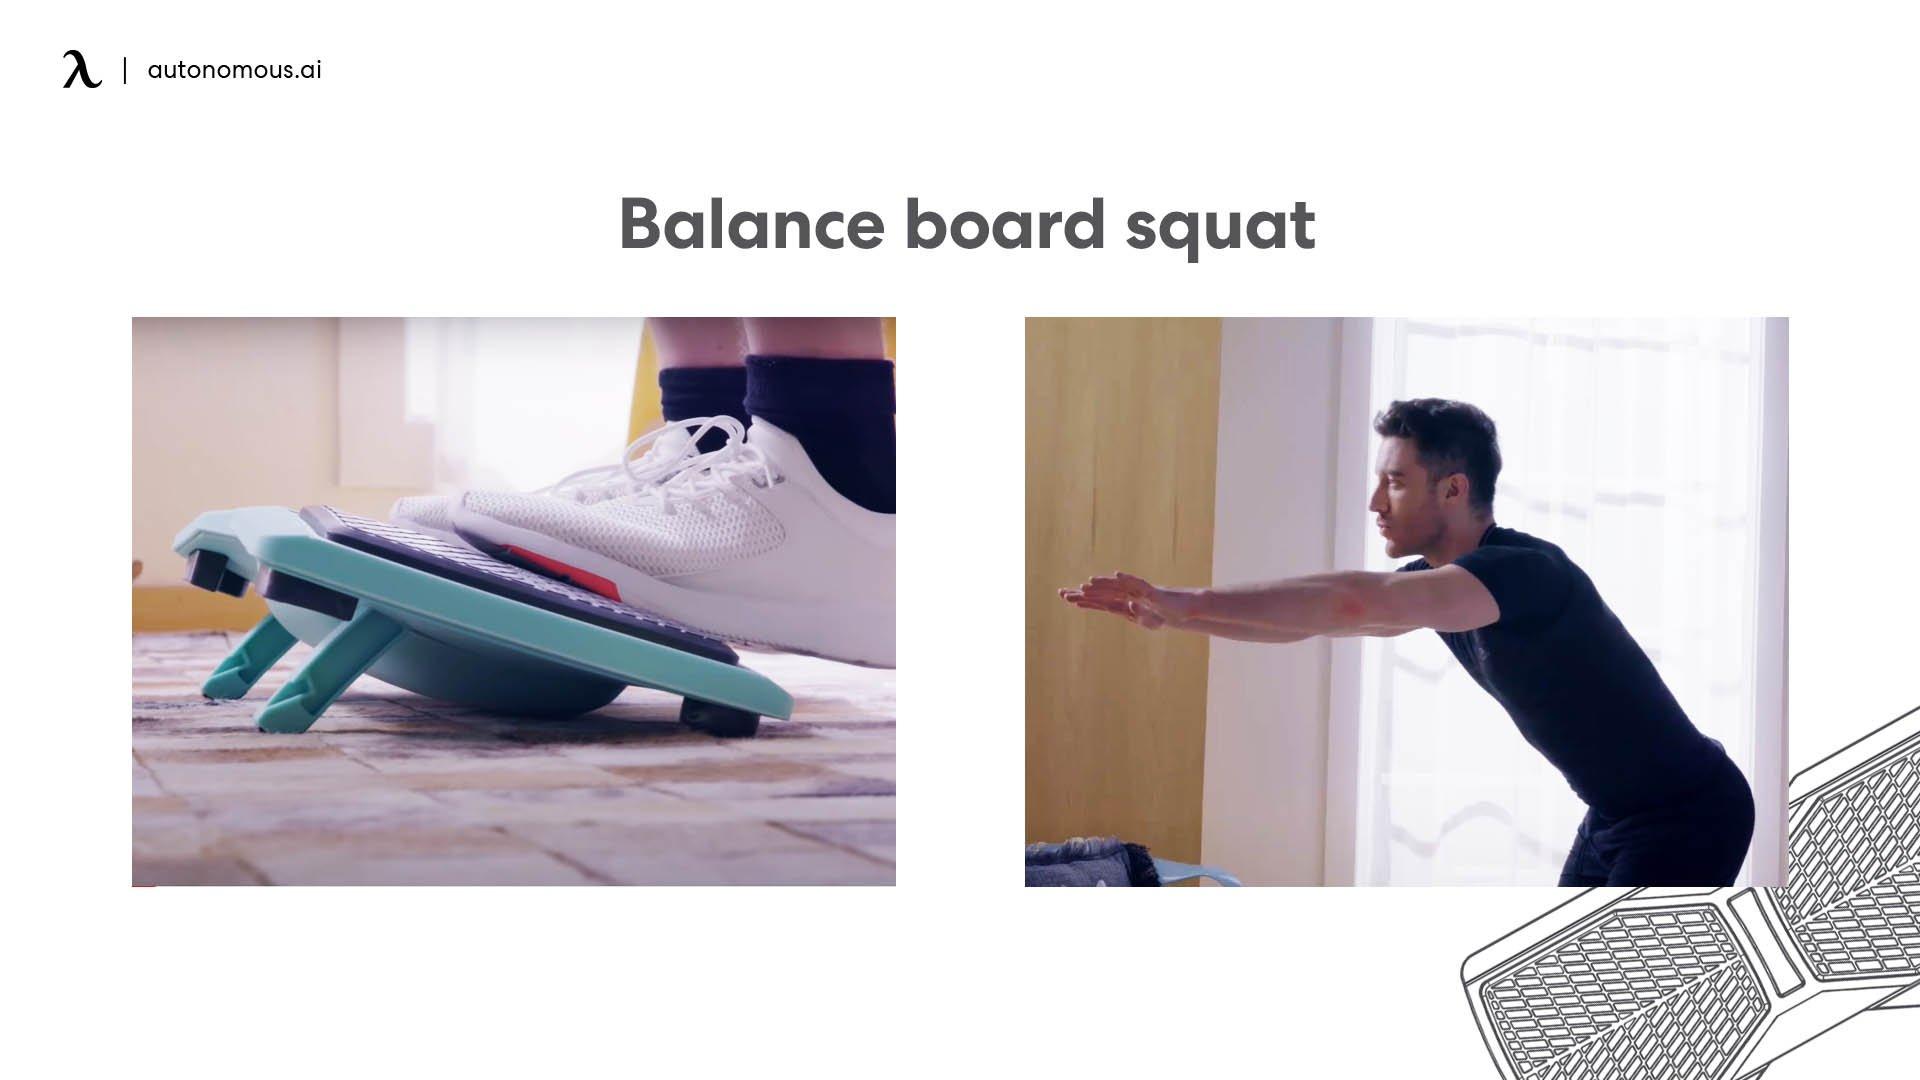 image of squat